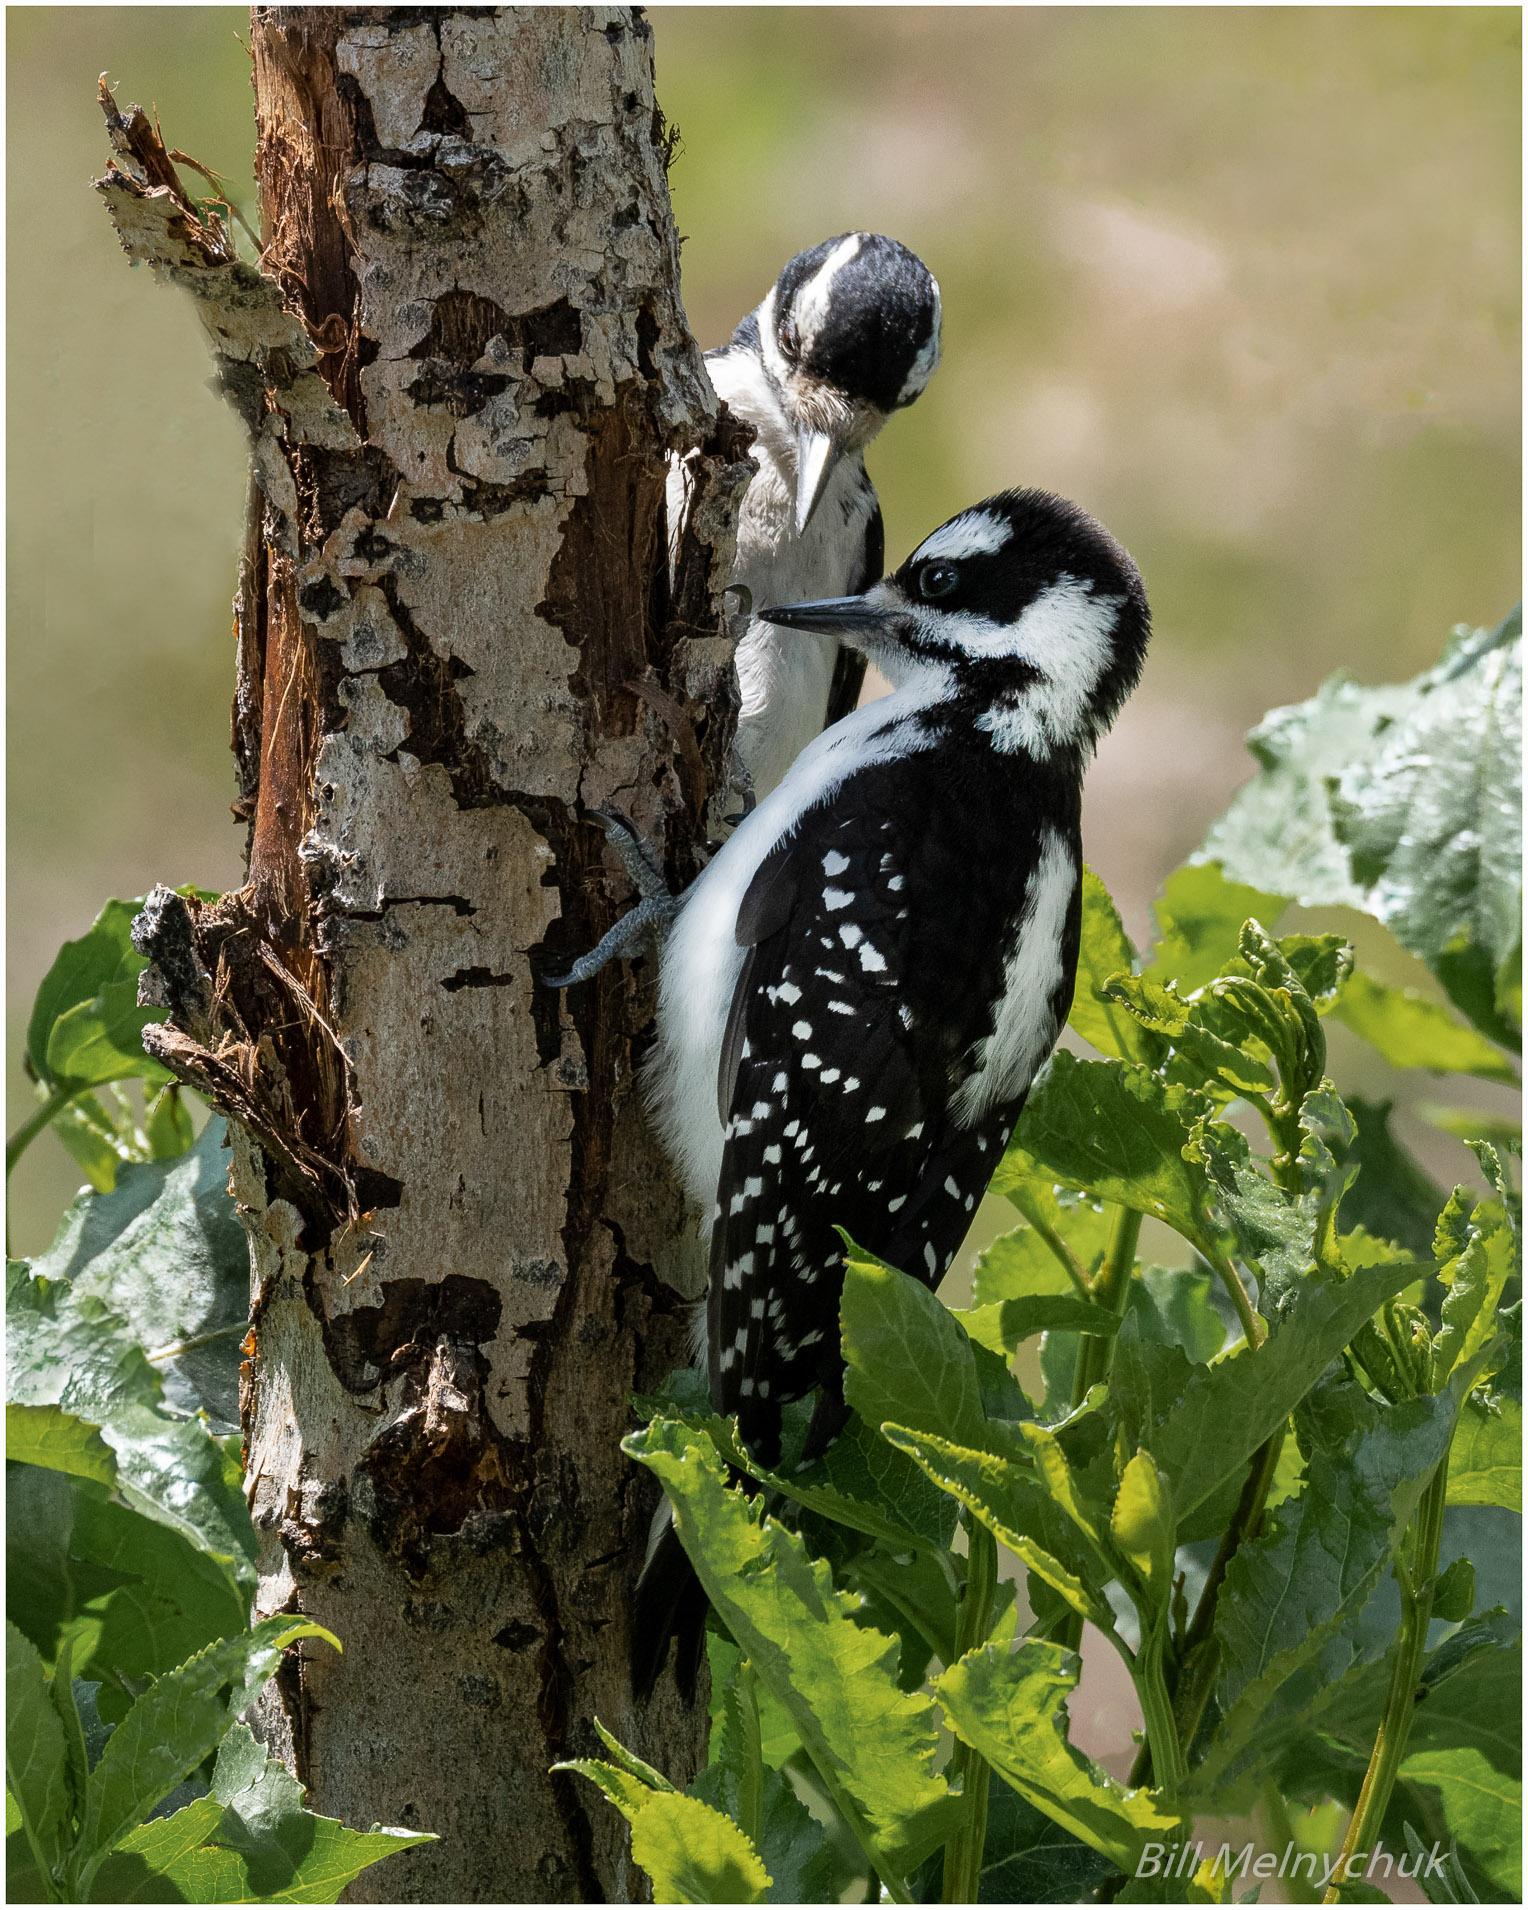 Woodpeckers-5182-236 - Bill Melnychuk